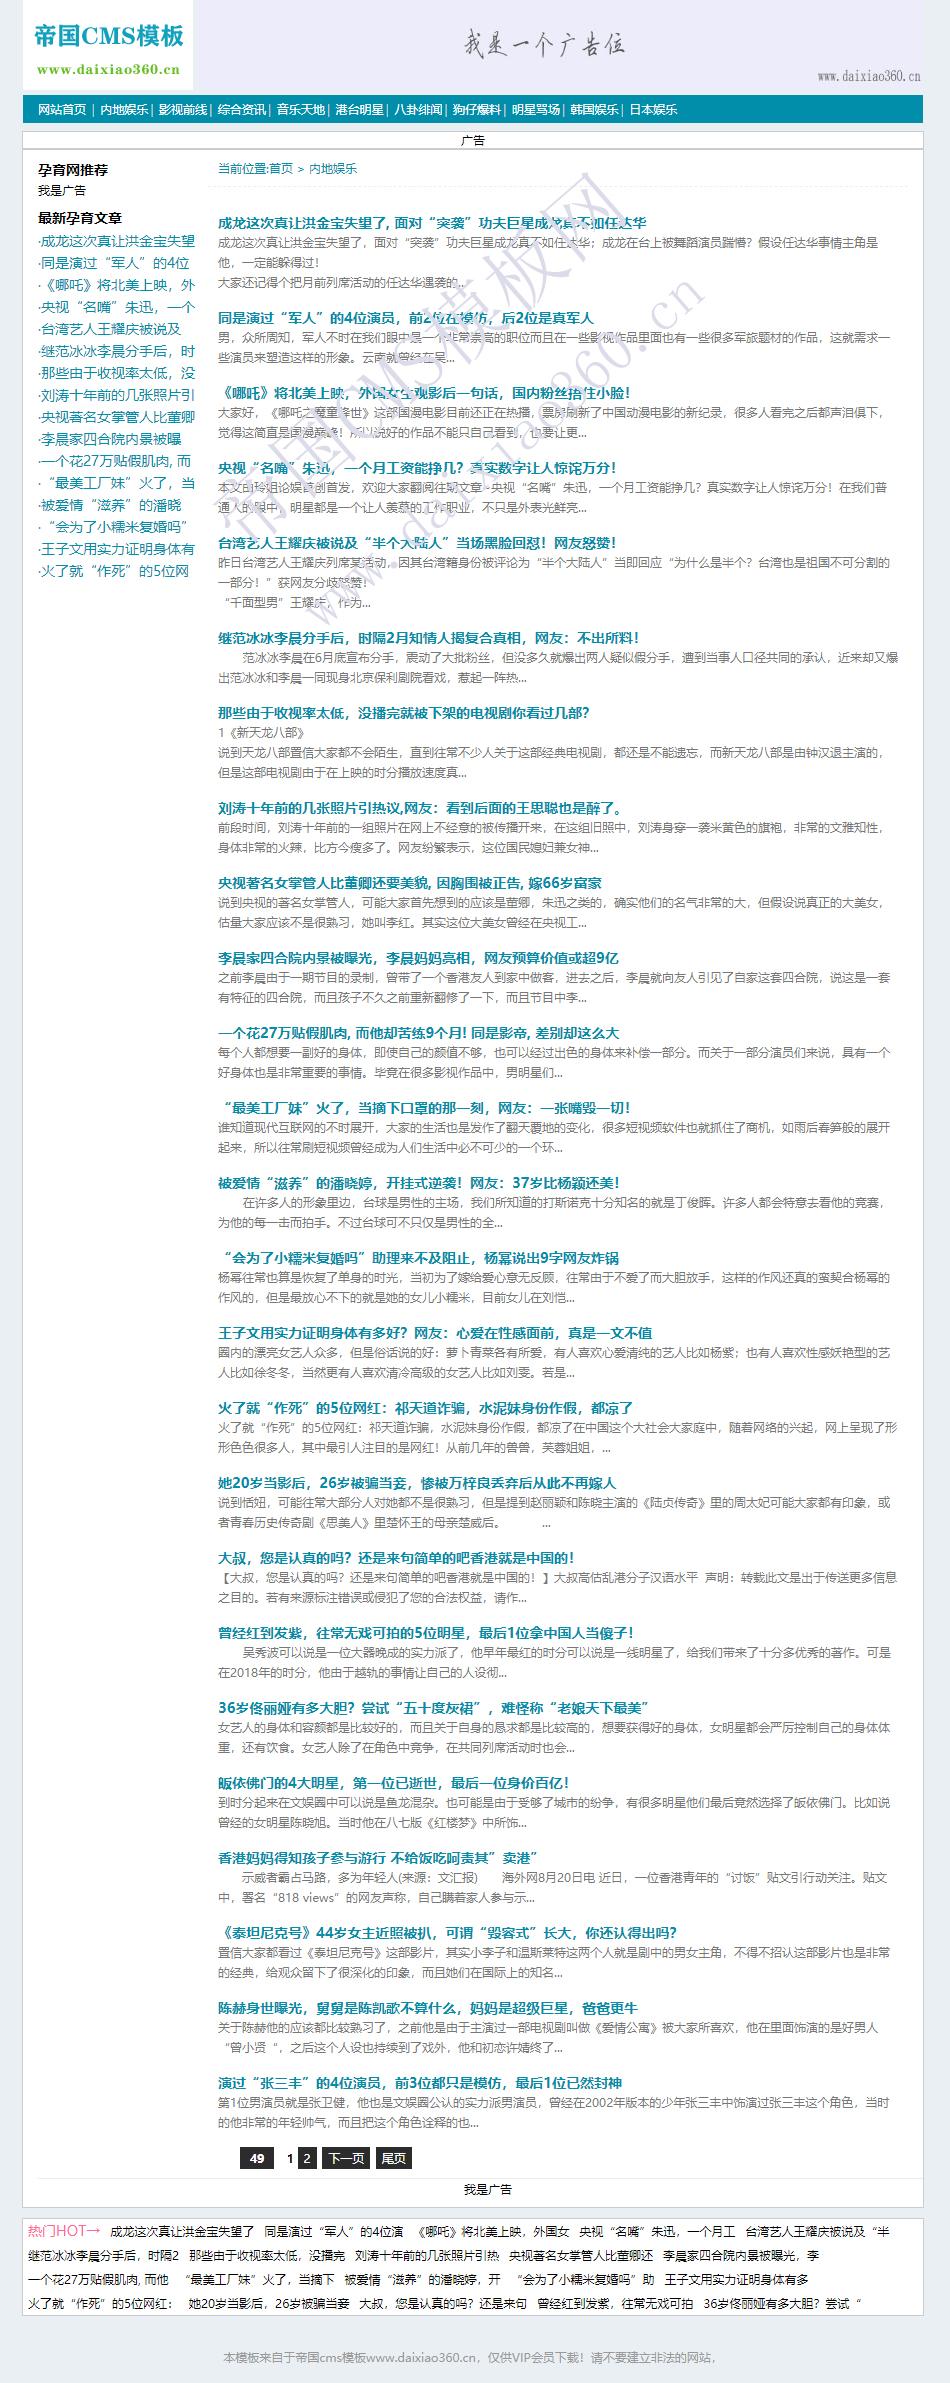 帝国cms孕育文章网站模板-列表页